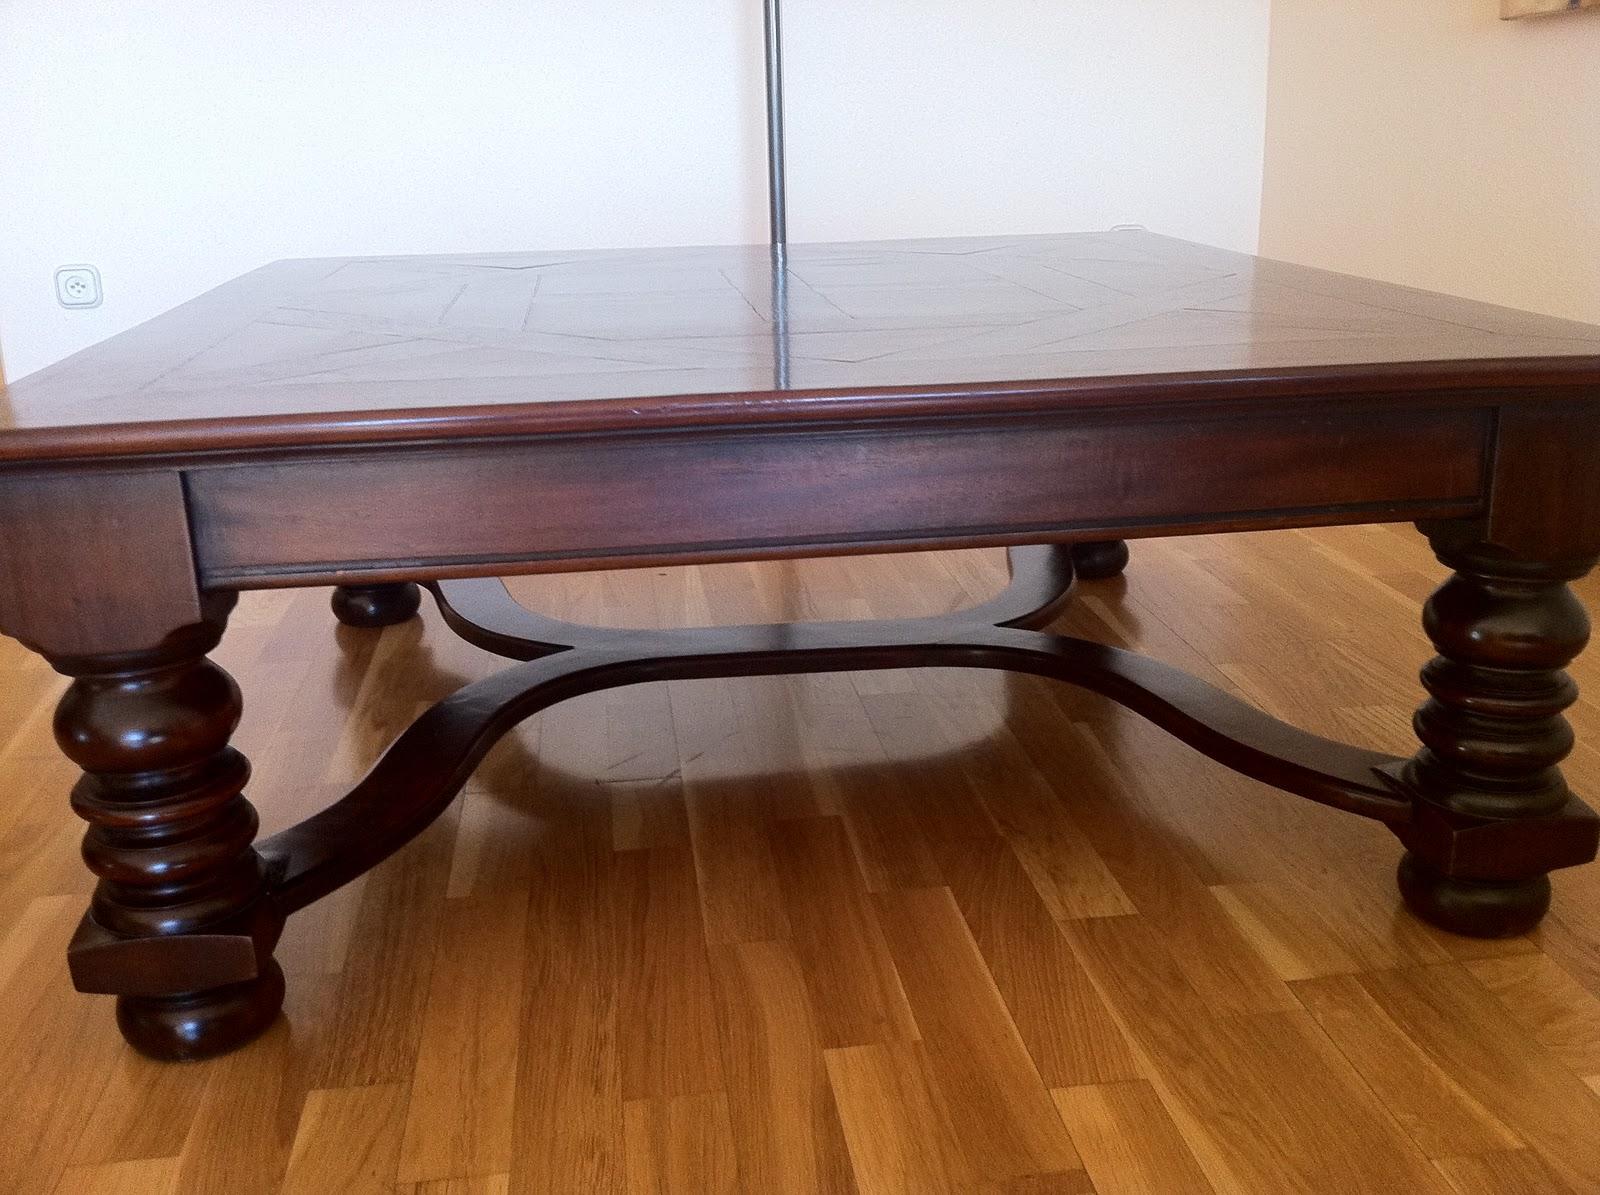 Muebles buena calidad segunda mano - Muebles para restaurar madrid ...